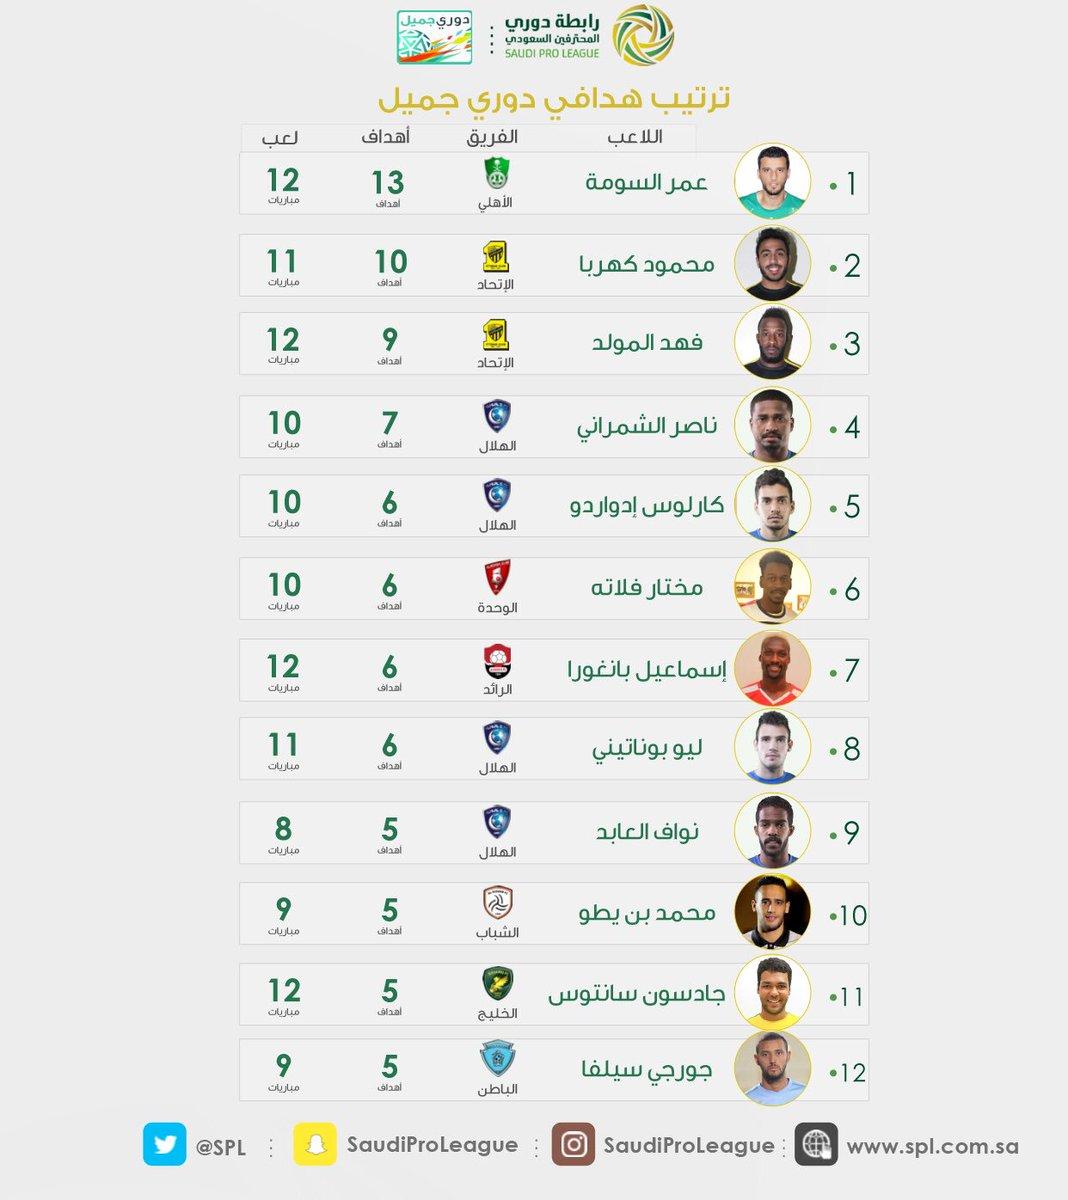 جدول ترتيب الفرق+الهدافين+صناع الأهداف+أفضل دفاع+أفضل هجوم^الجولة  12  دوري جميل^